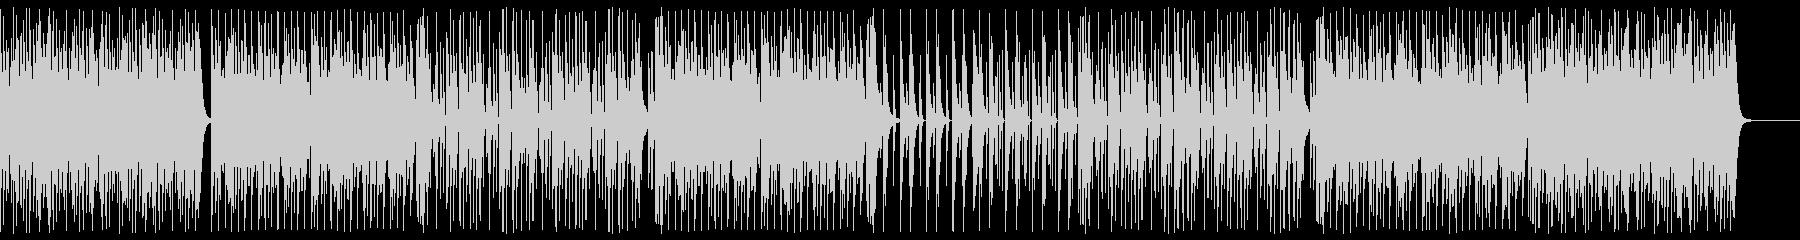 コミカルでポップなテクノシンセサウンドの未再生の波形